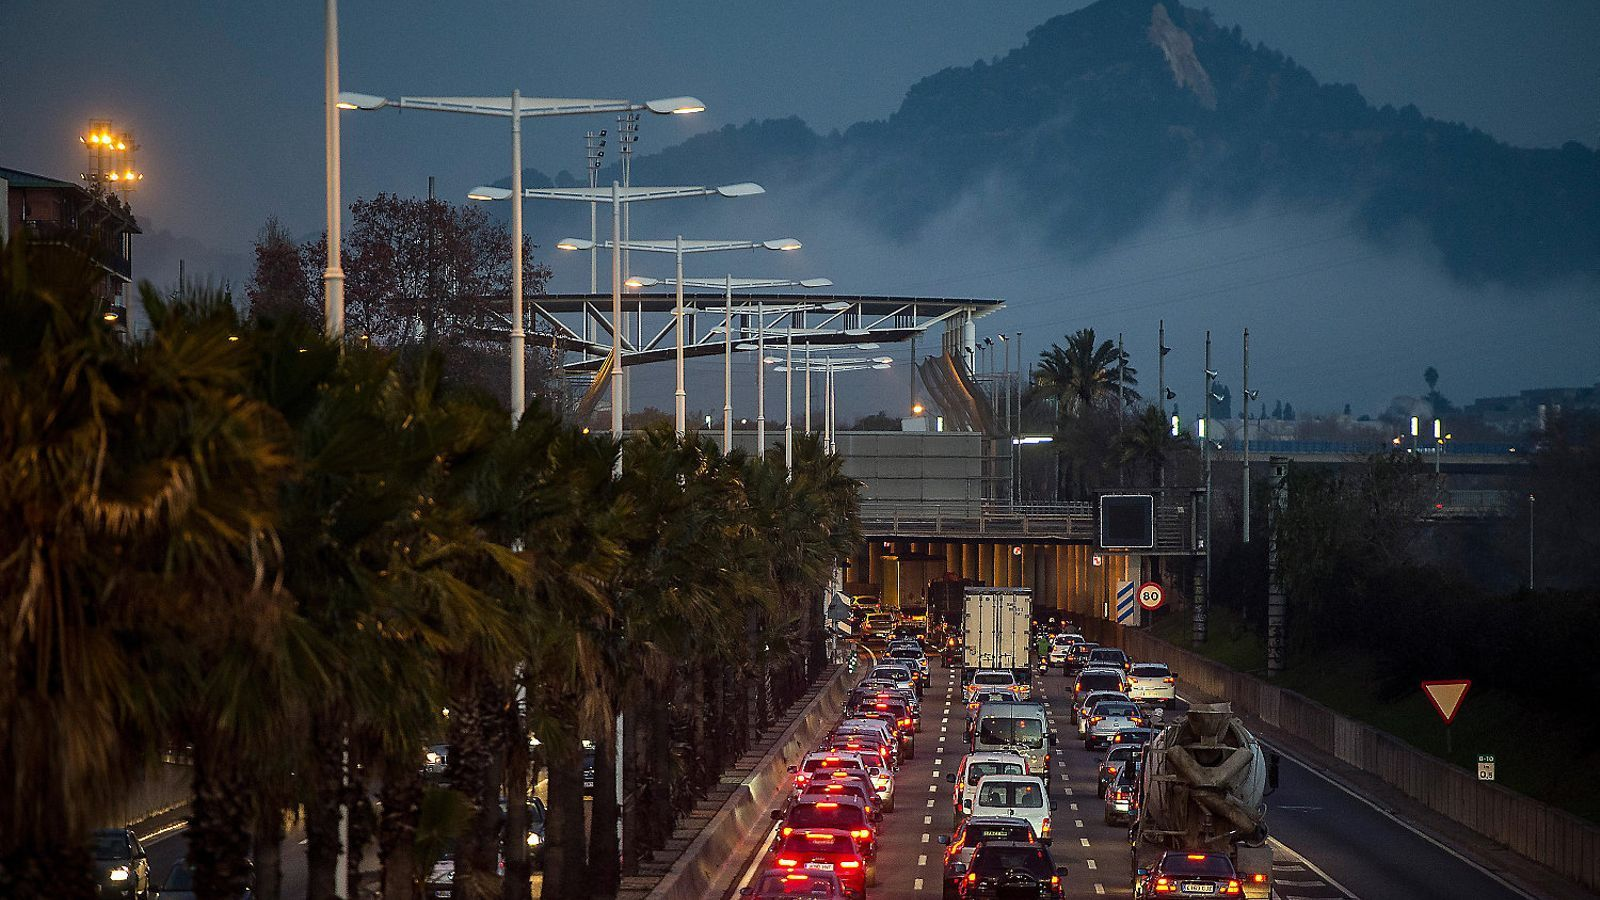 Barcelona, en el grup líder de ciutats contra el canvi climàtic